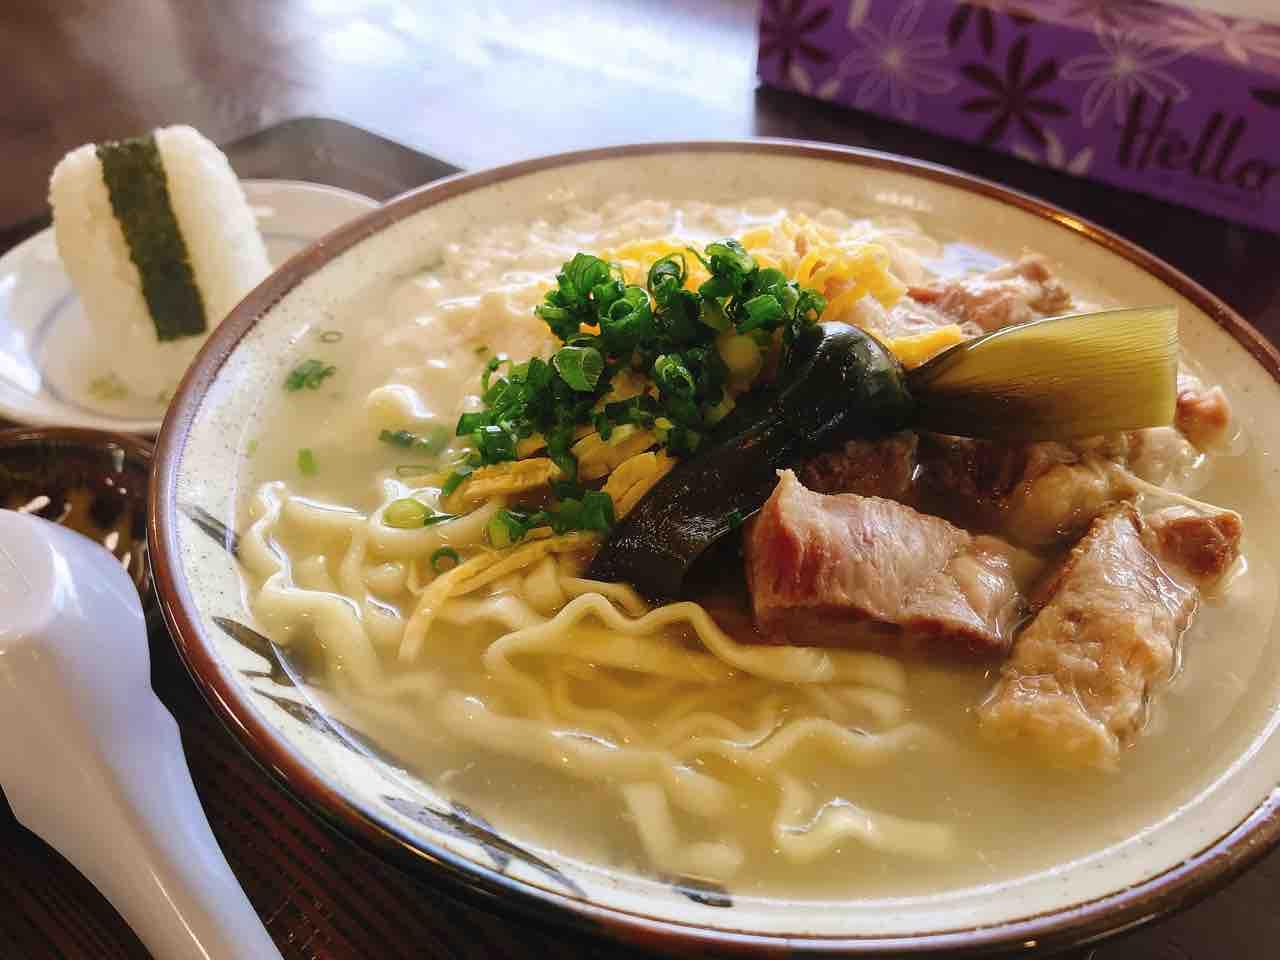 อาหารโอกินาว่า : ยูชิโดฟุโซบะ (Yushidofu Soba)